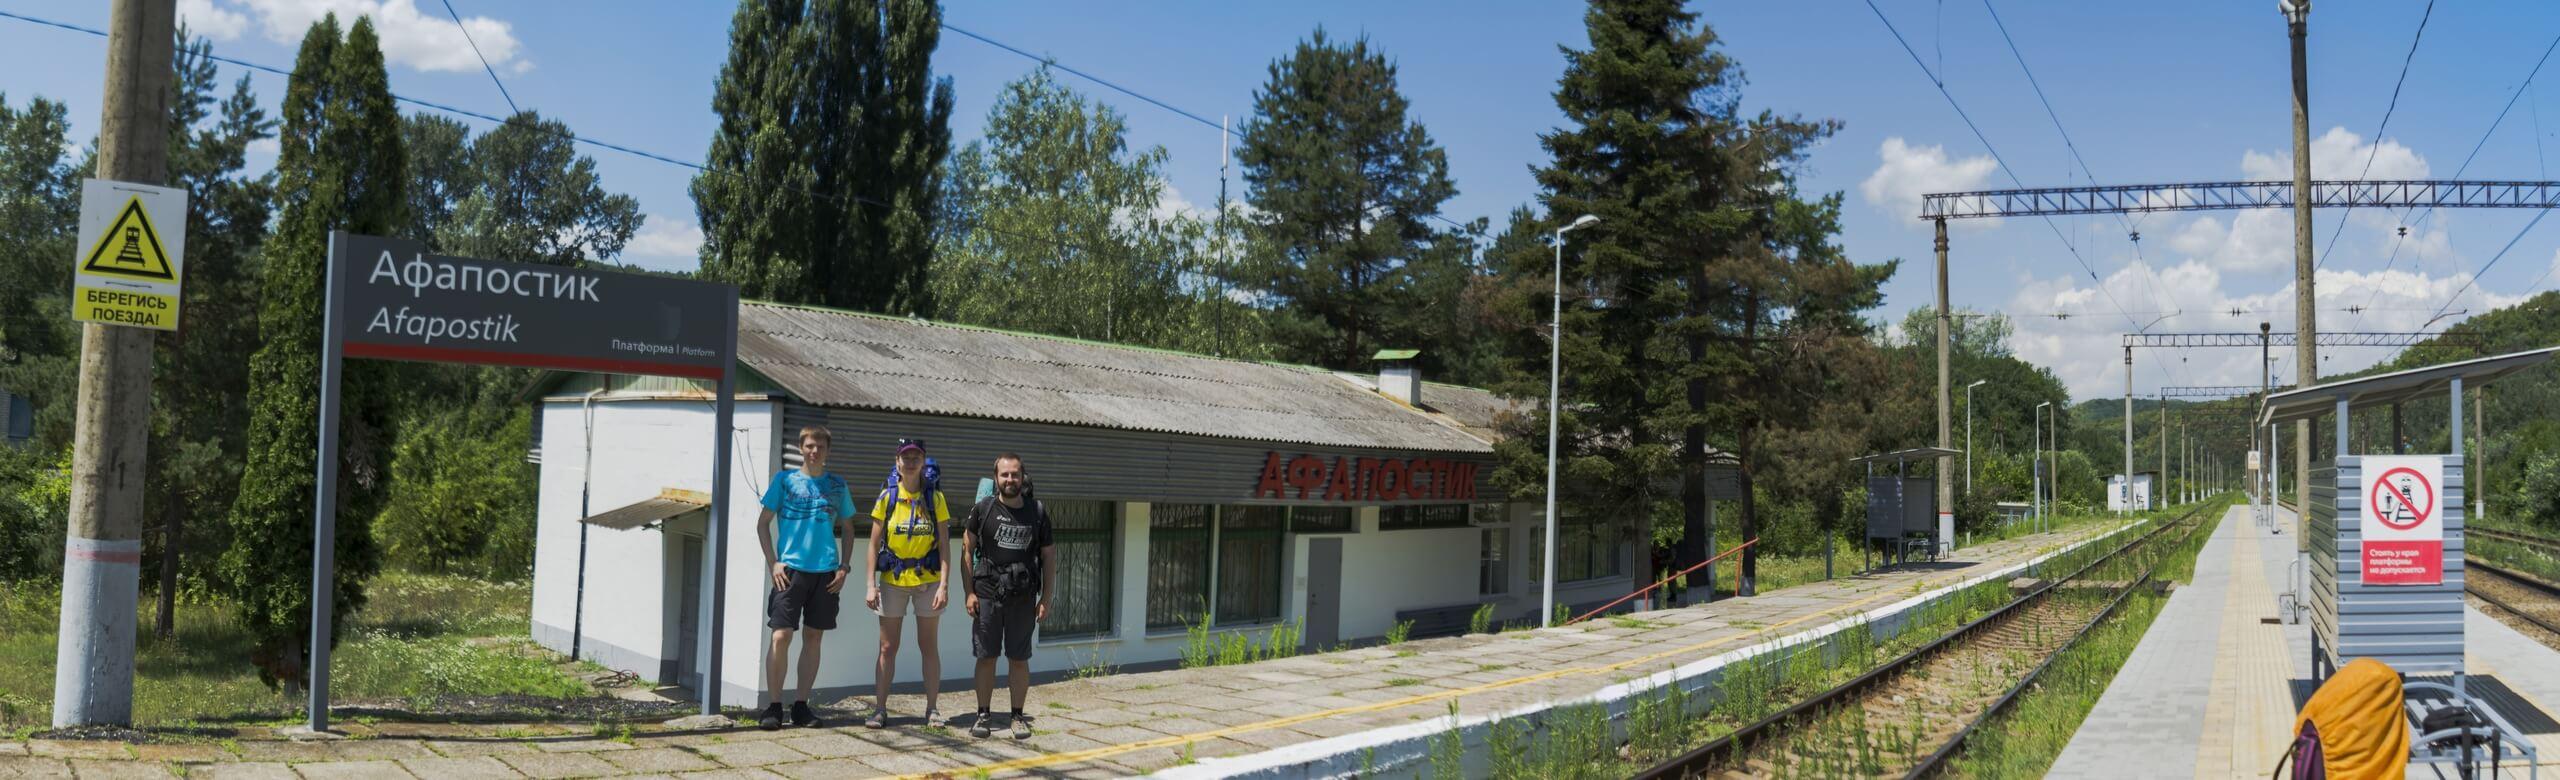 Станция Афапостик